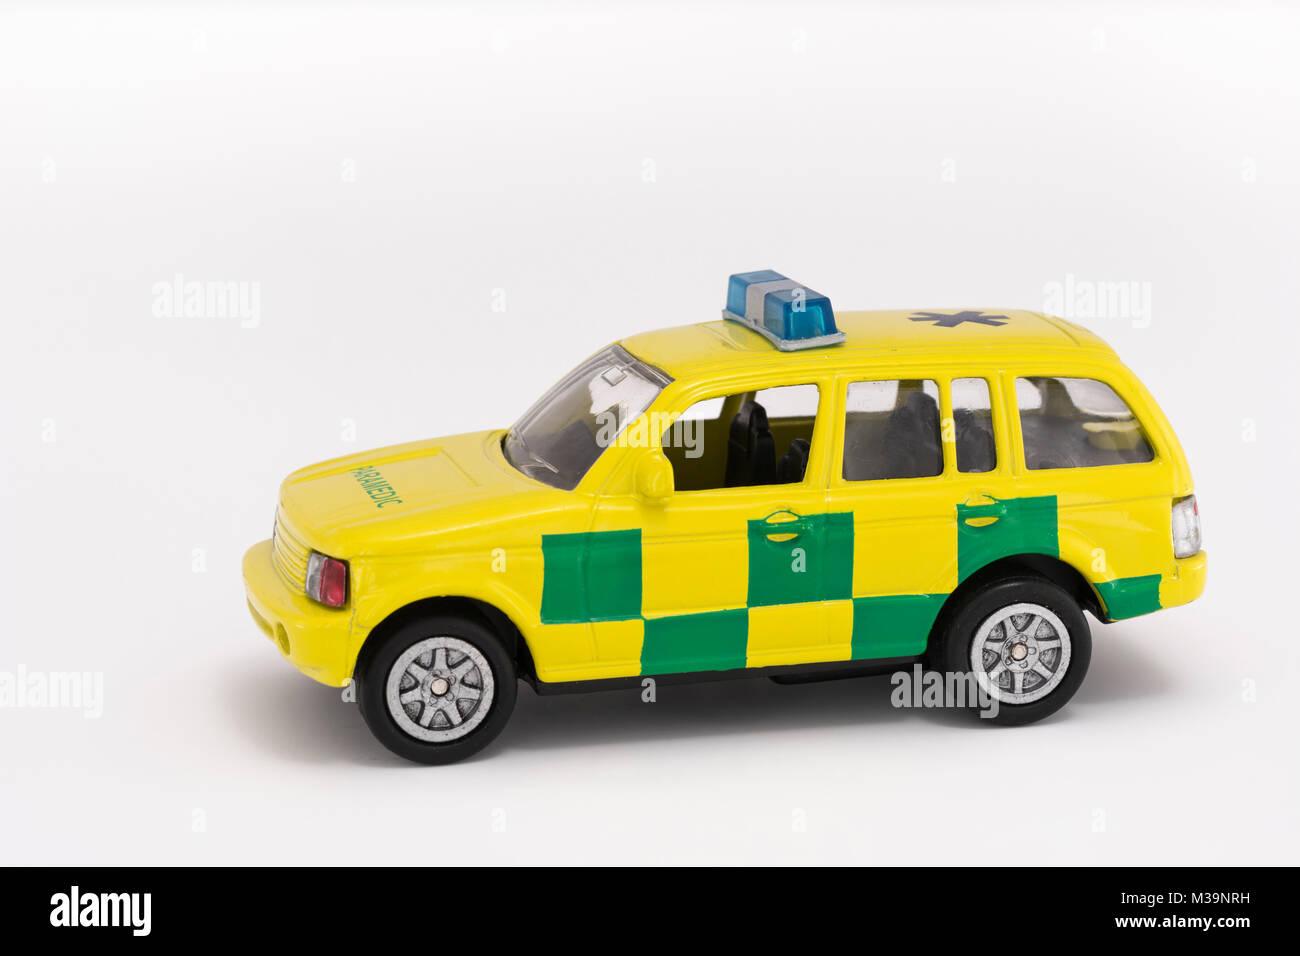 Toy Services paramédicaux d'urgence véhicule - comme métaphore de la notion de services d'urgence Photo Stock